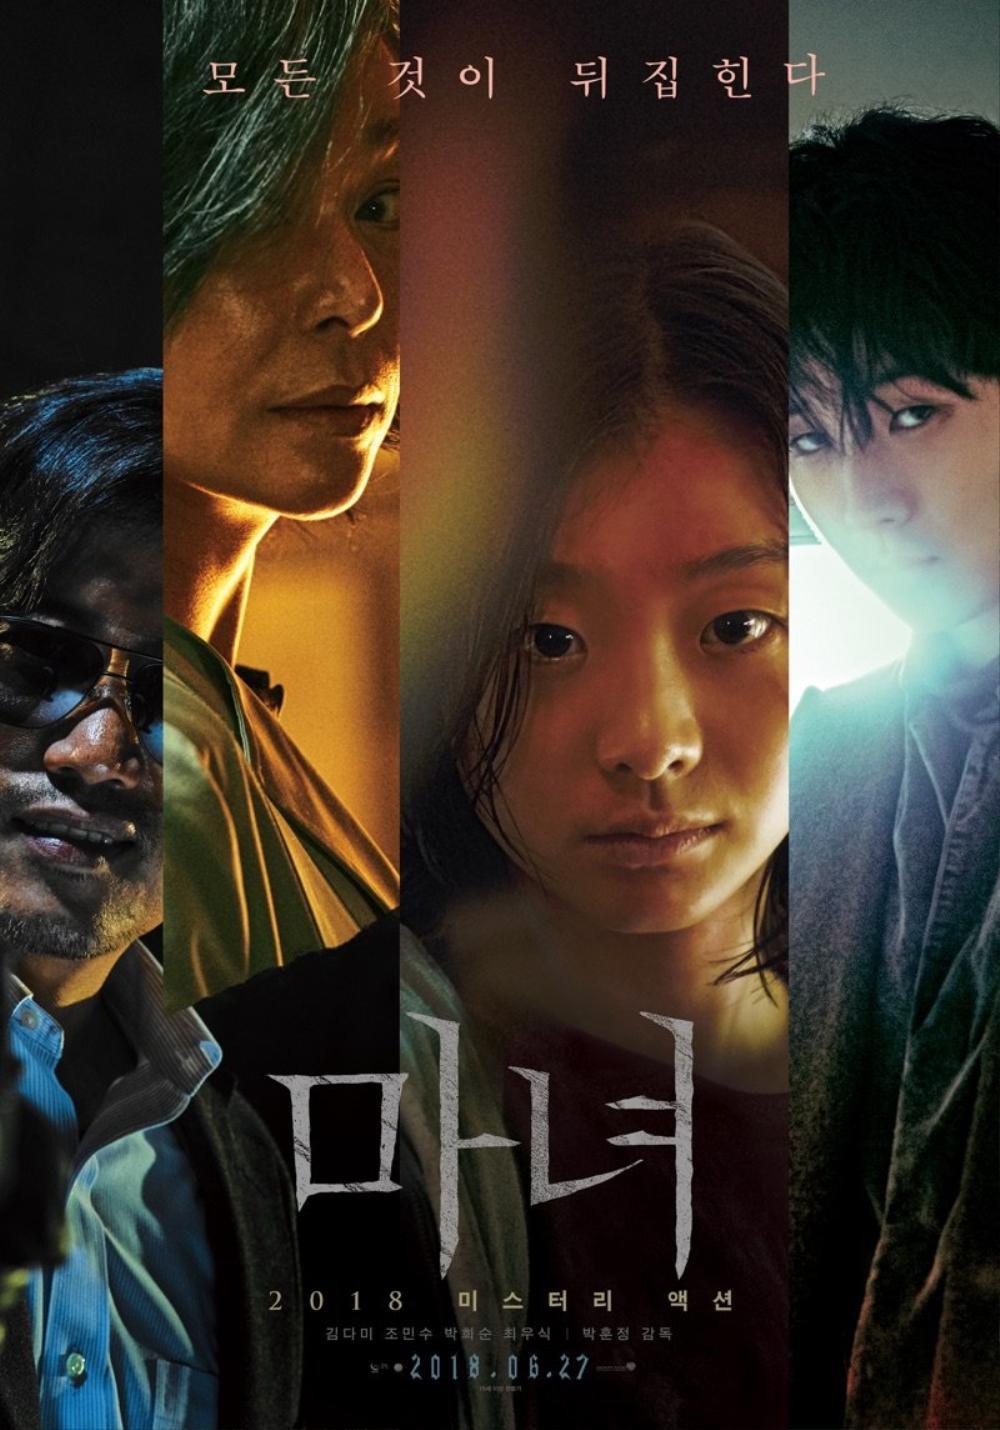 Phim 'The Witch 2' của Lee Jong Suk tung poster đầu tiên, không có Kim Da Mi Ảnh 2